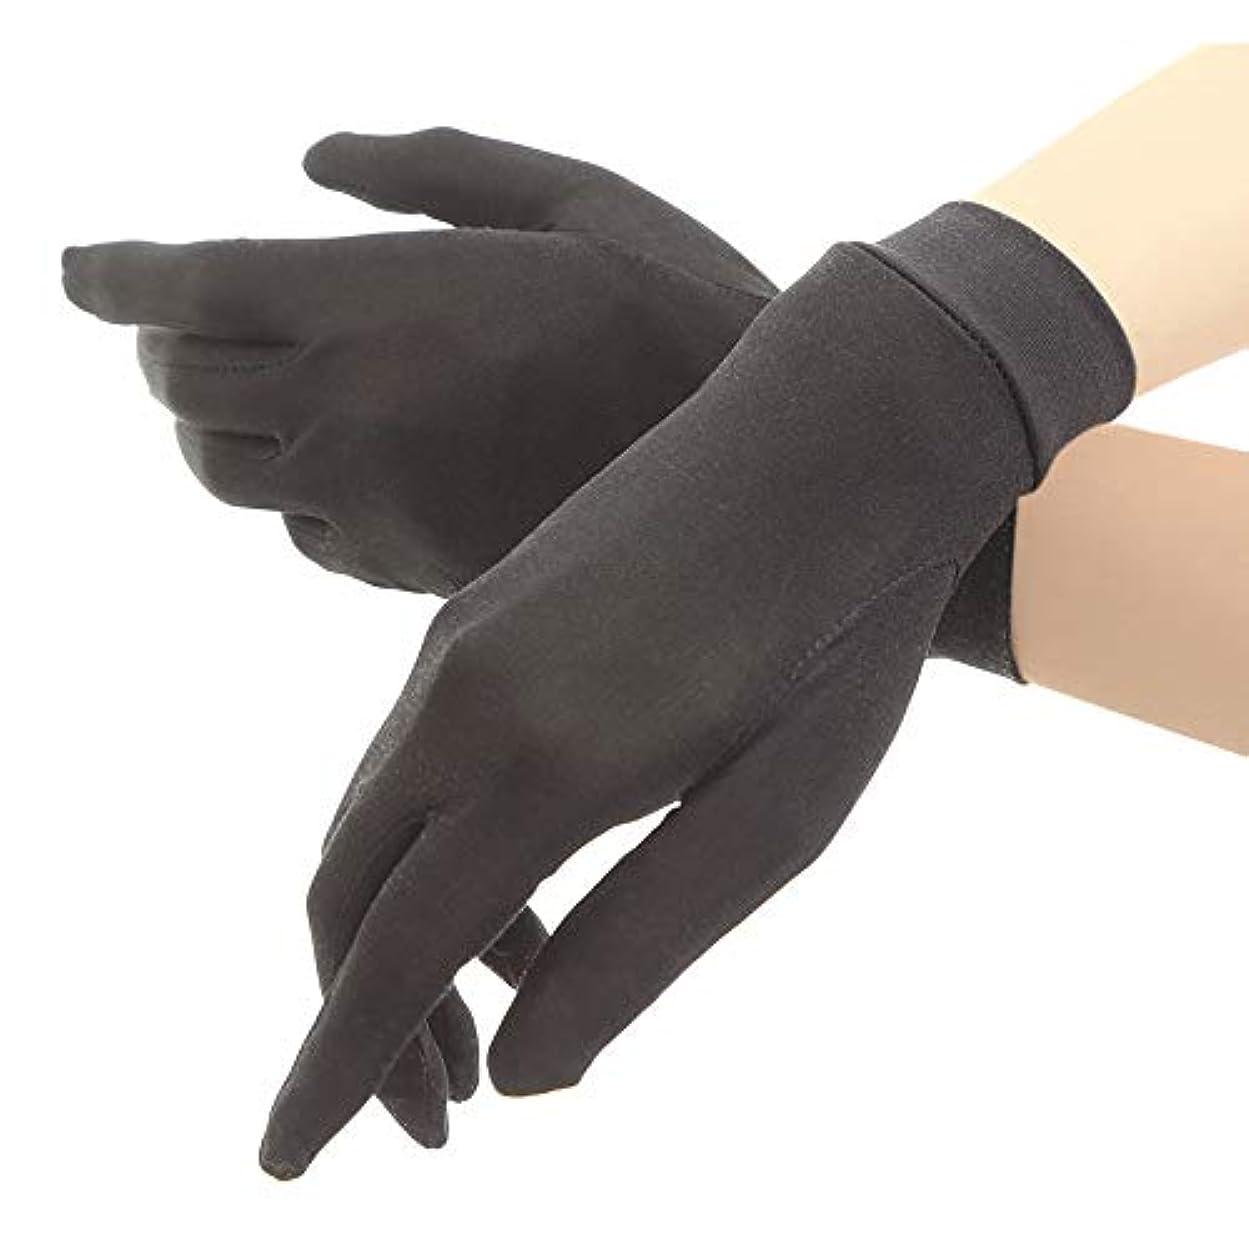 桁パントリー細菌シルク手袋 レディース 手袋 シルク 絹 ハンド ケア 保湿 紫外線 肌荒れ 乾燥 サイズアップで手指にマッチ 【macch】